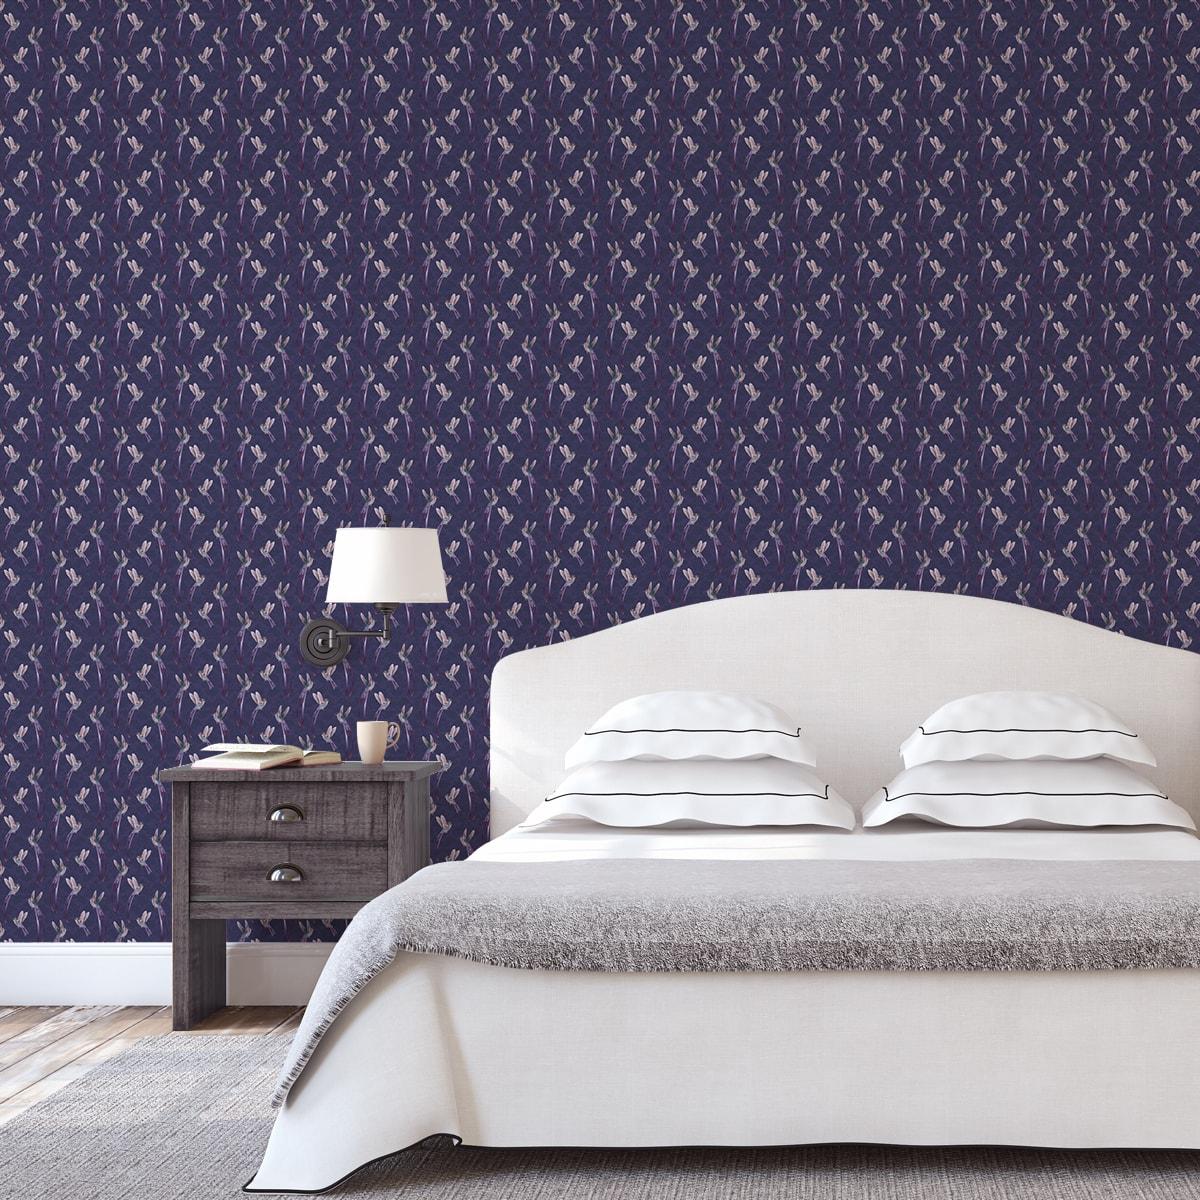 Schlafzimmer tapezieren in violett: